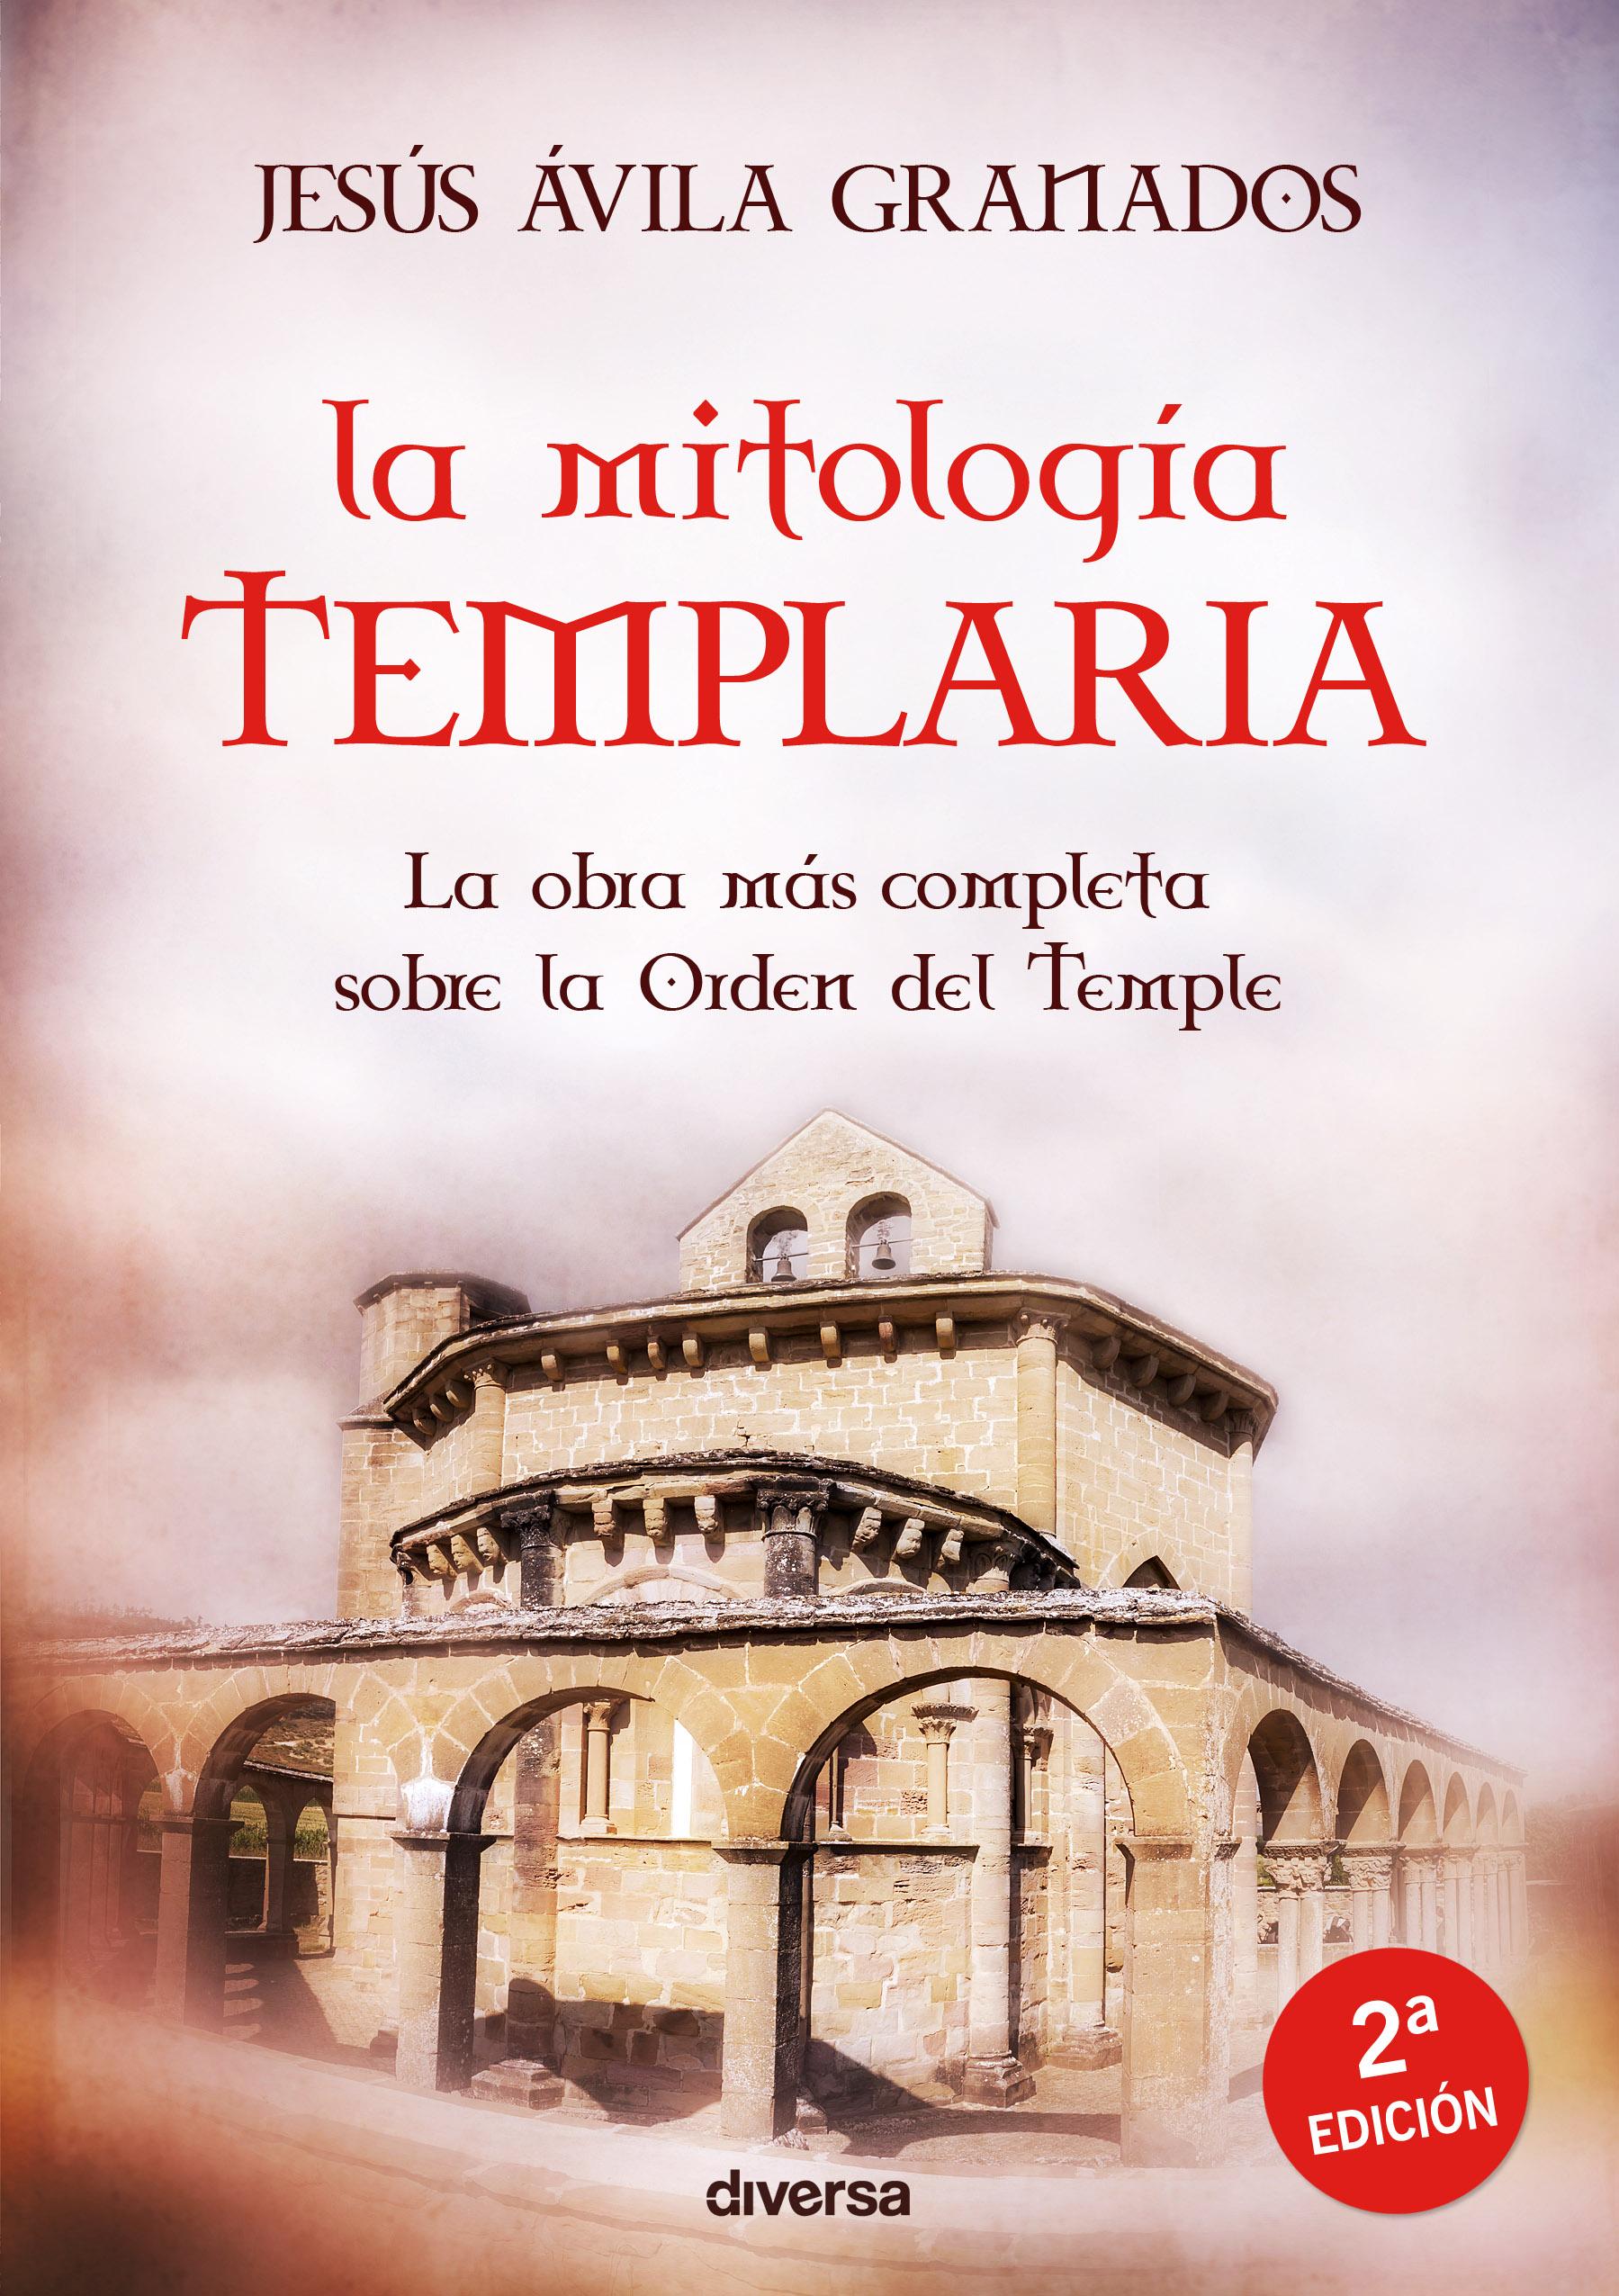 La mitologia templaria; 2 ed.